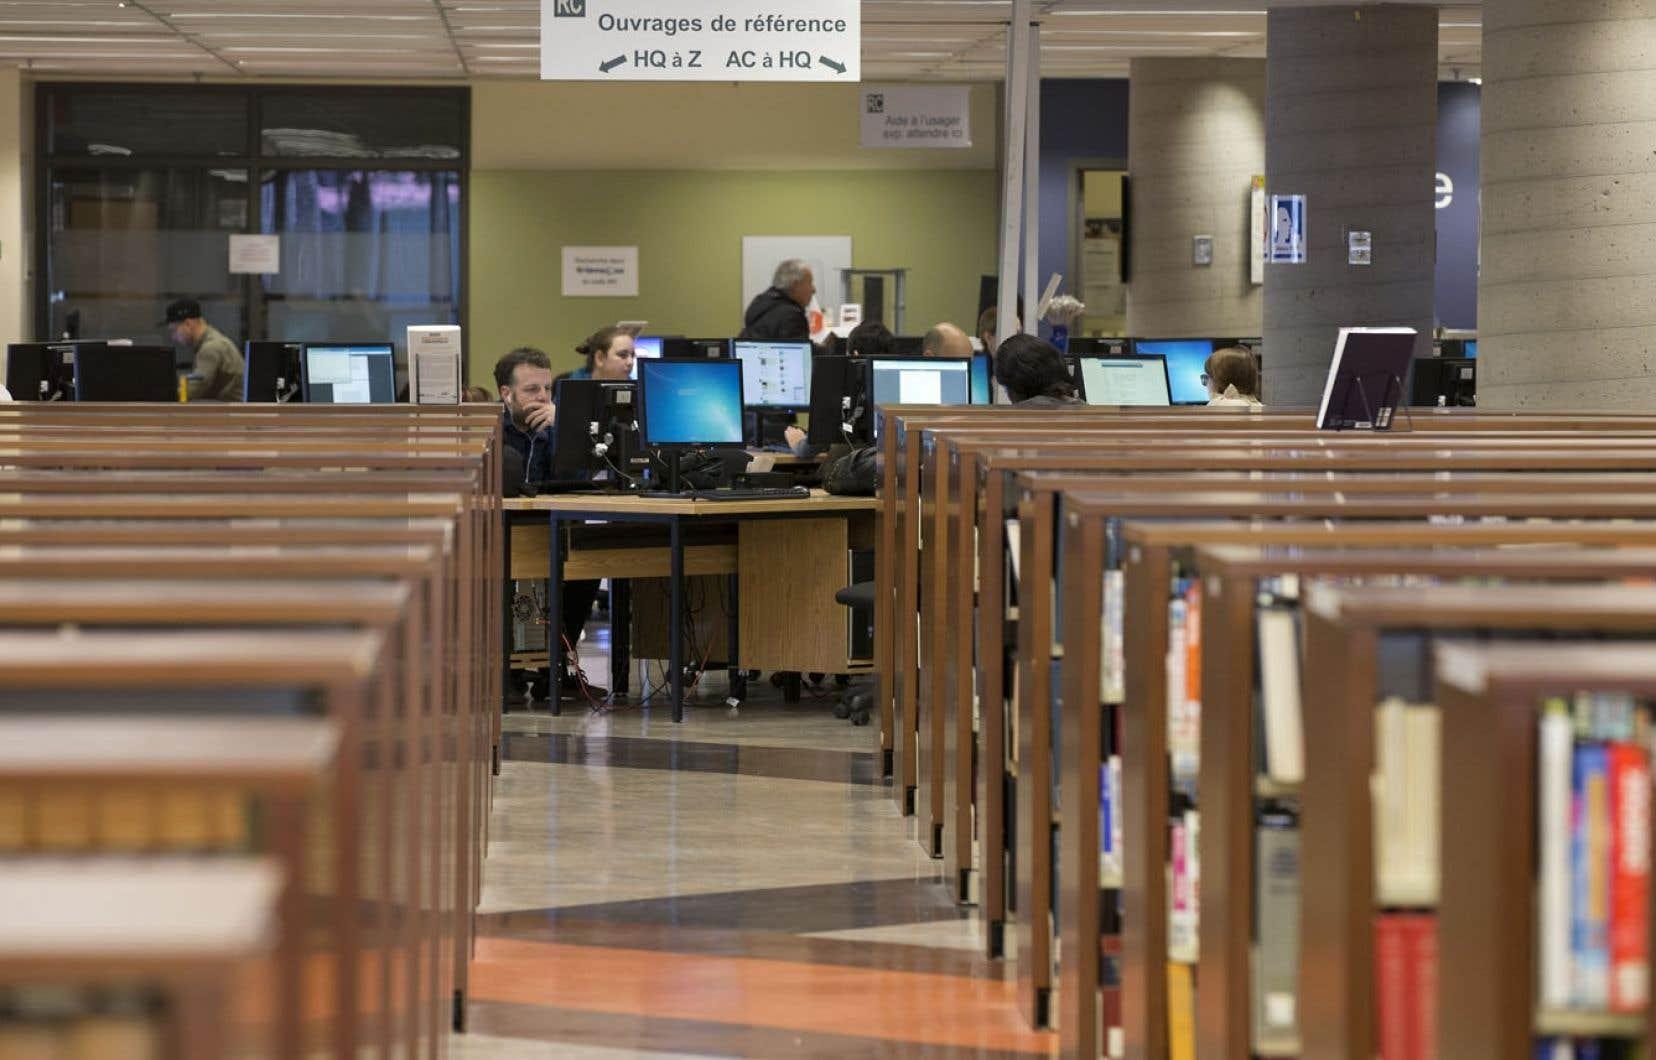 Le Québec, en partenariat avec la France, cherche à enrichir la présence d'étudiants étrangers dans ses universités.